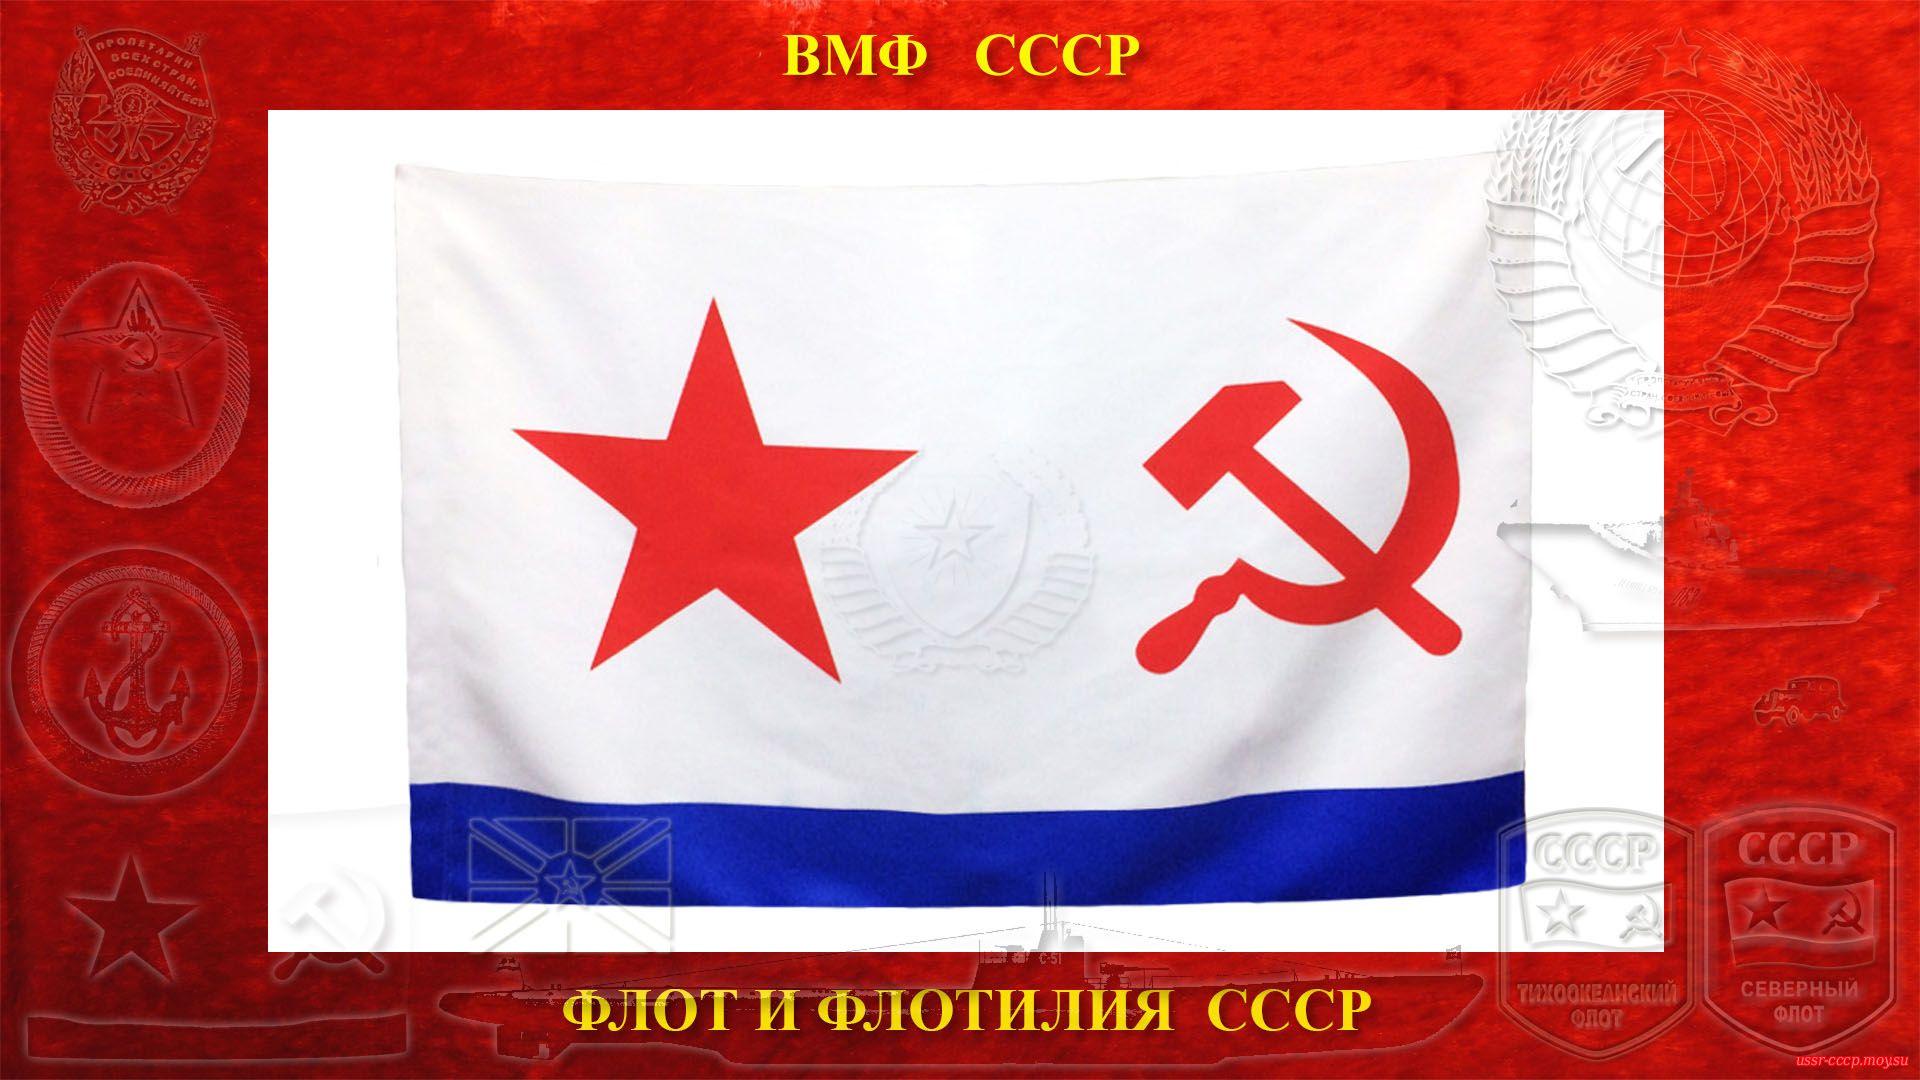 Обои вмф, ussr, военно-морские силы, flag, обои, ссср. Разное foto 7